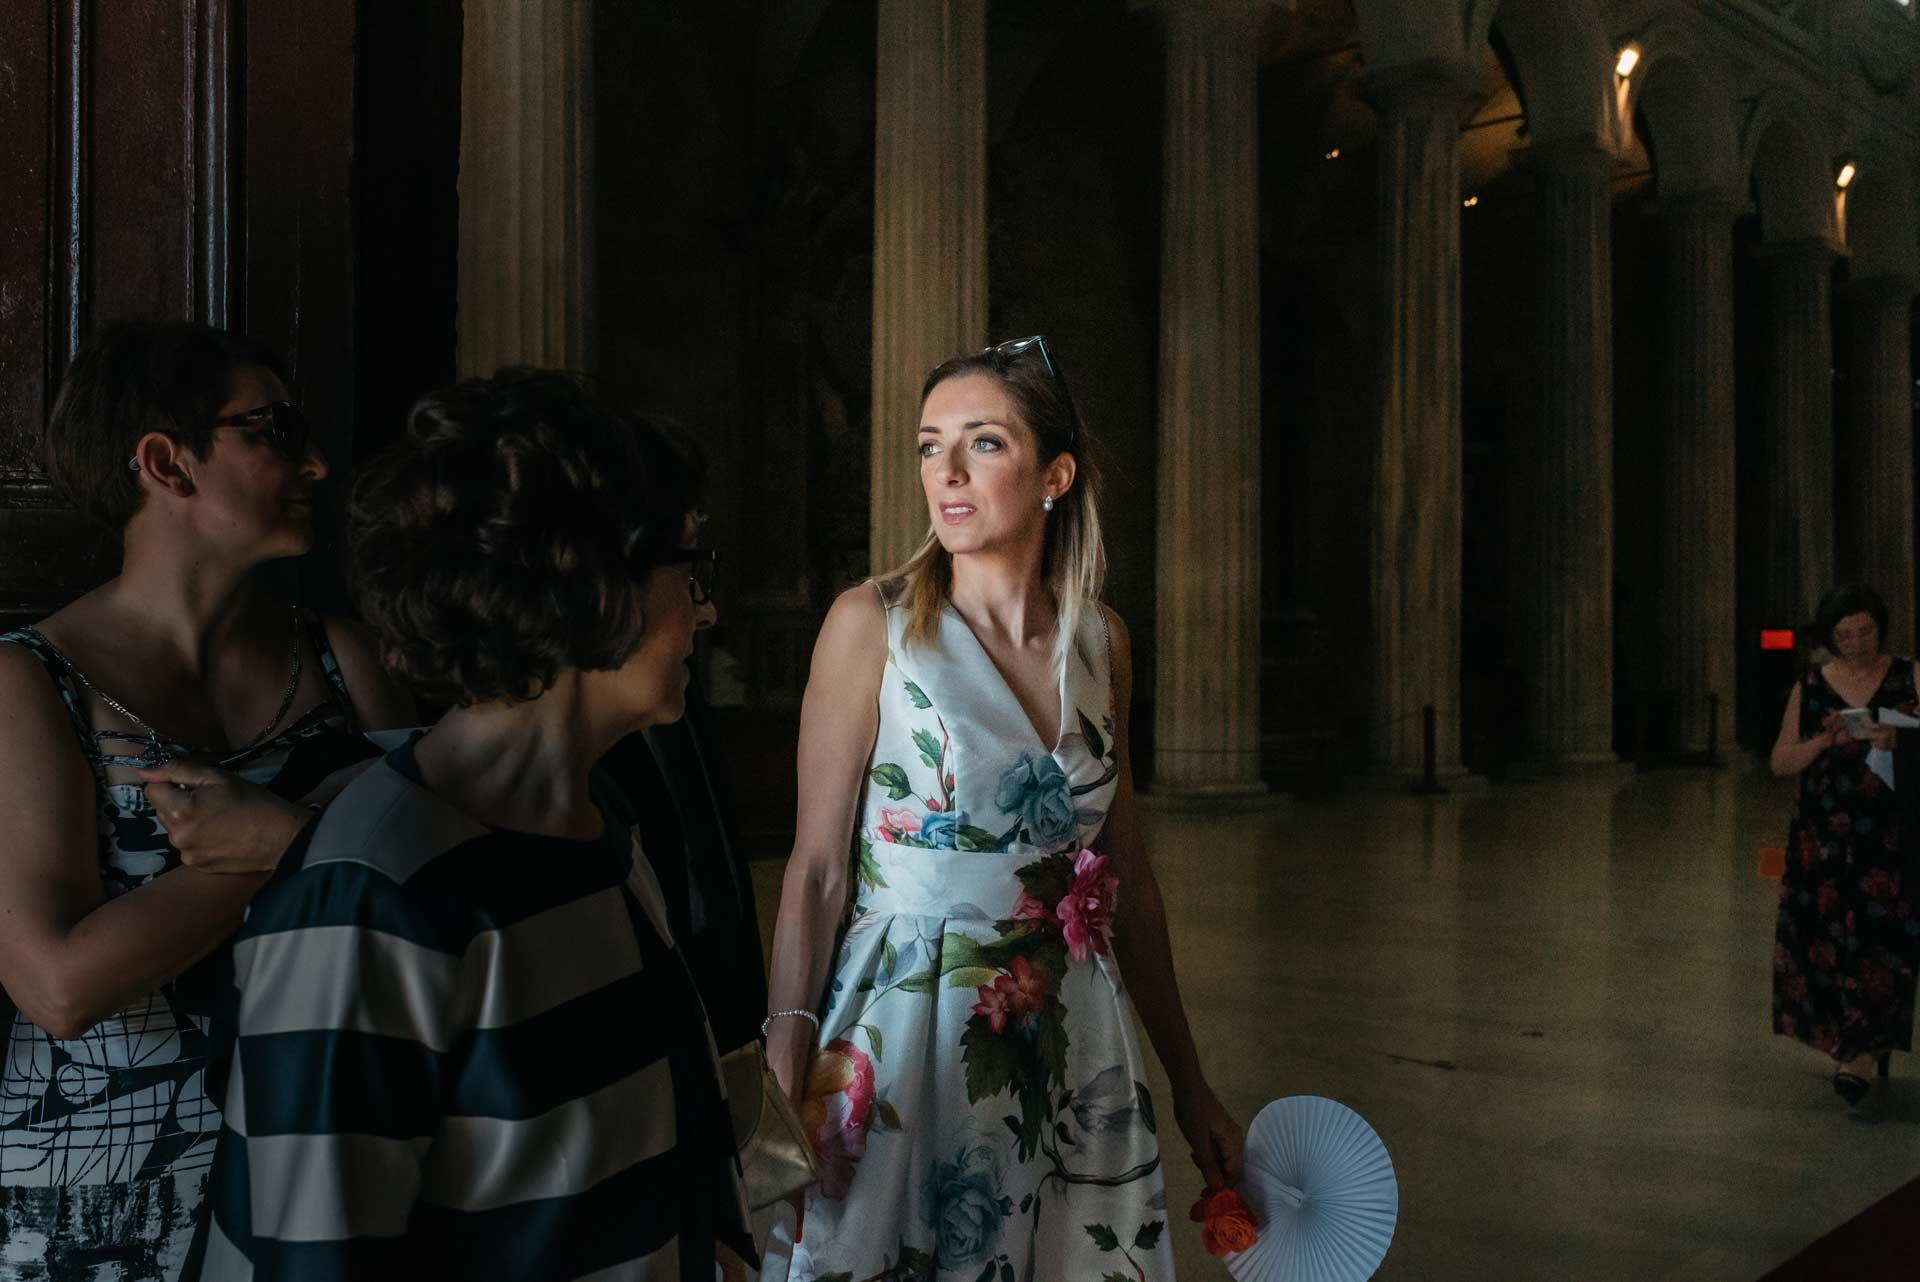 fotografo-matrimonio-reportage-roma-14-C&M